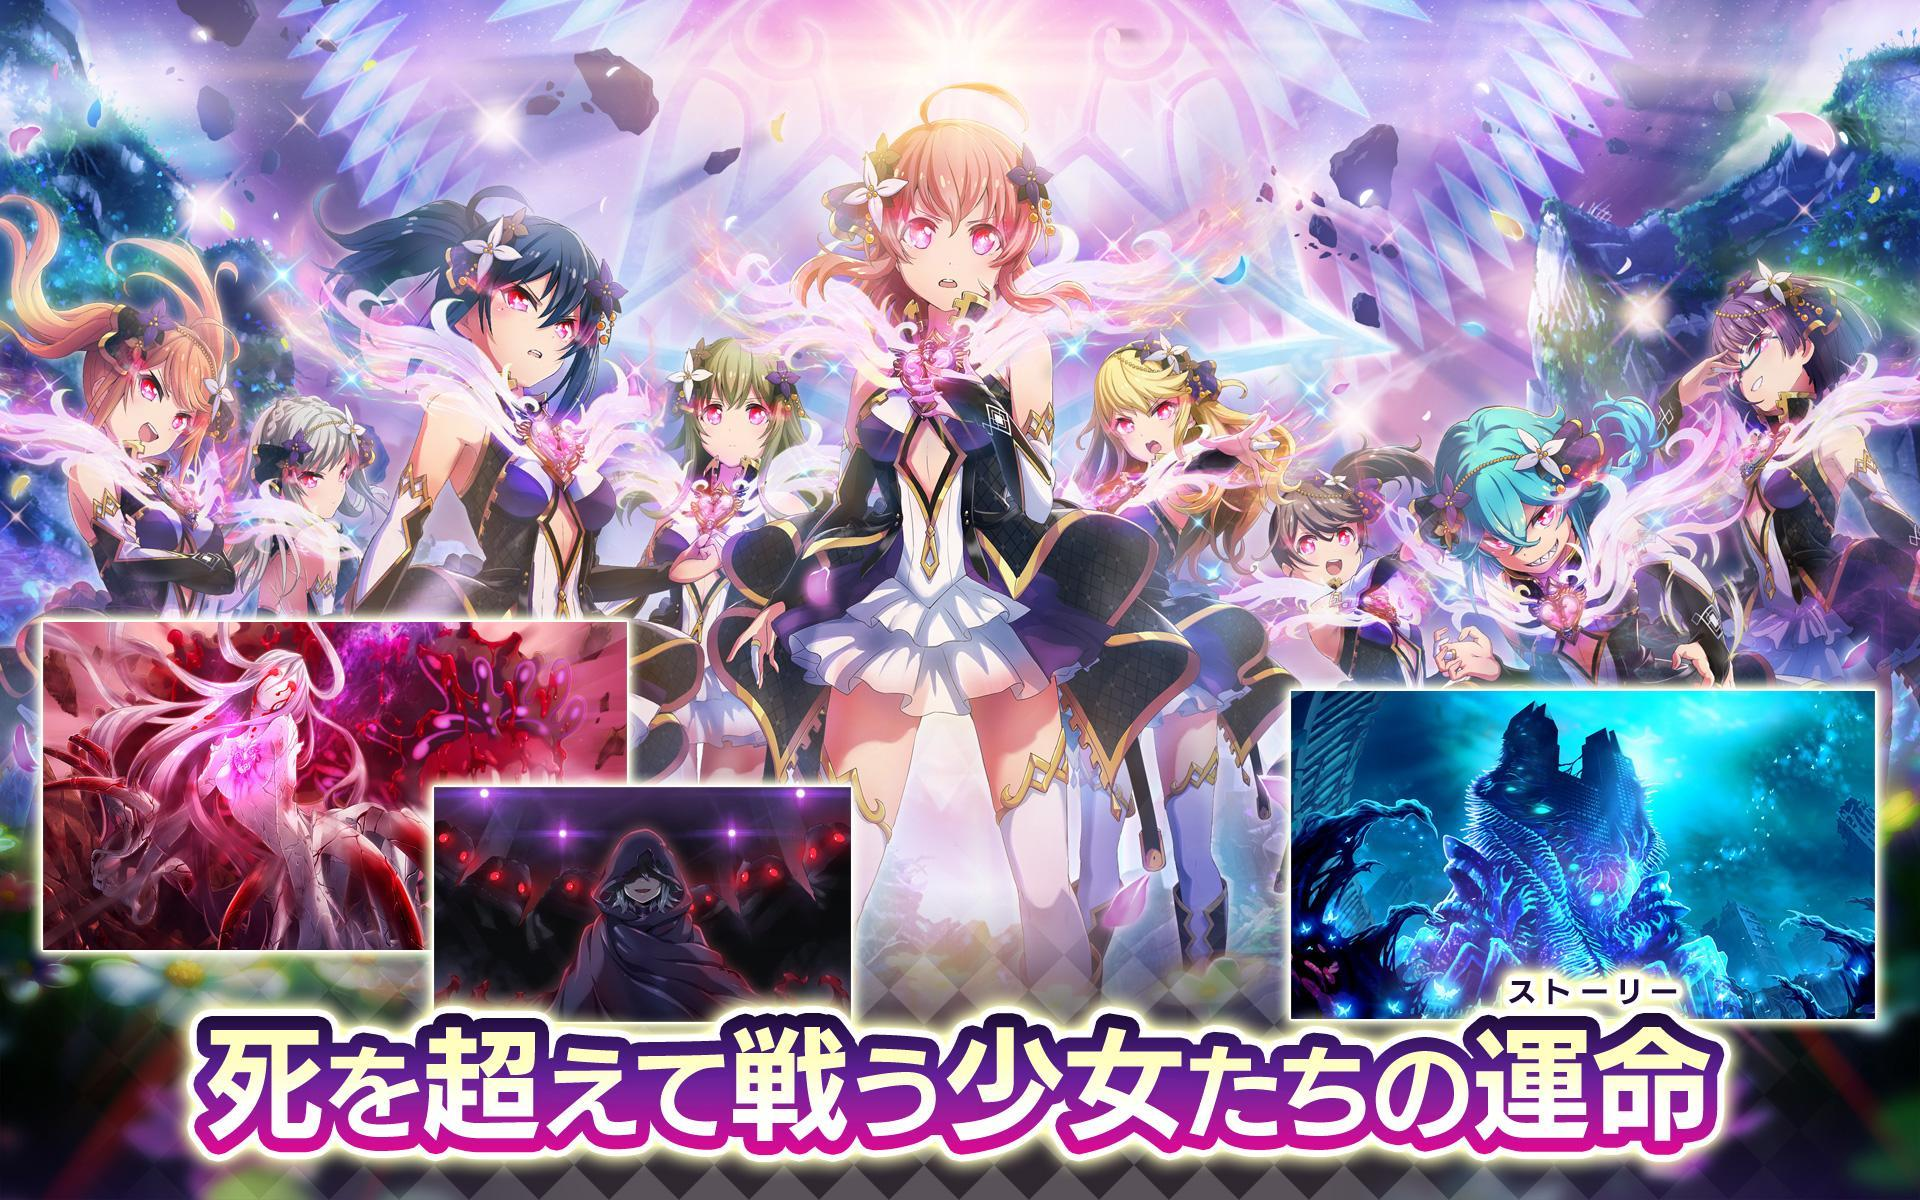 プロジェクト東京ドールズ :美少女タップアクションRPG 4.1.0 Screenshot 3